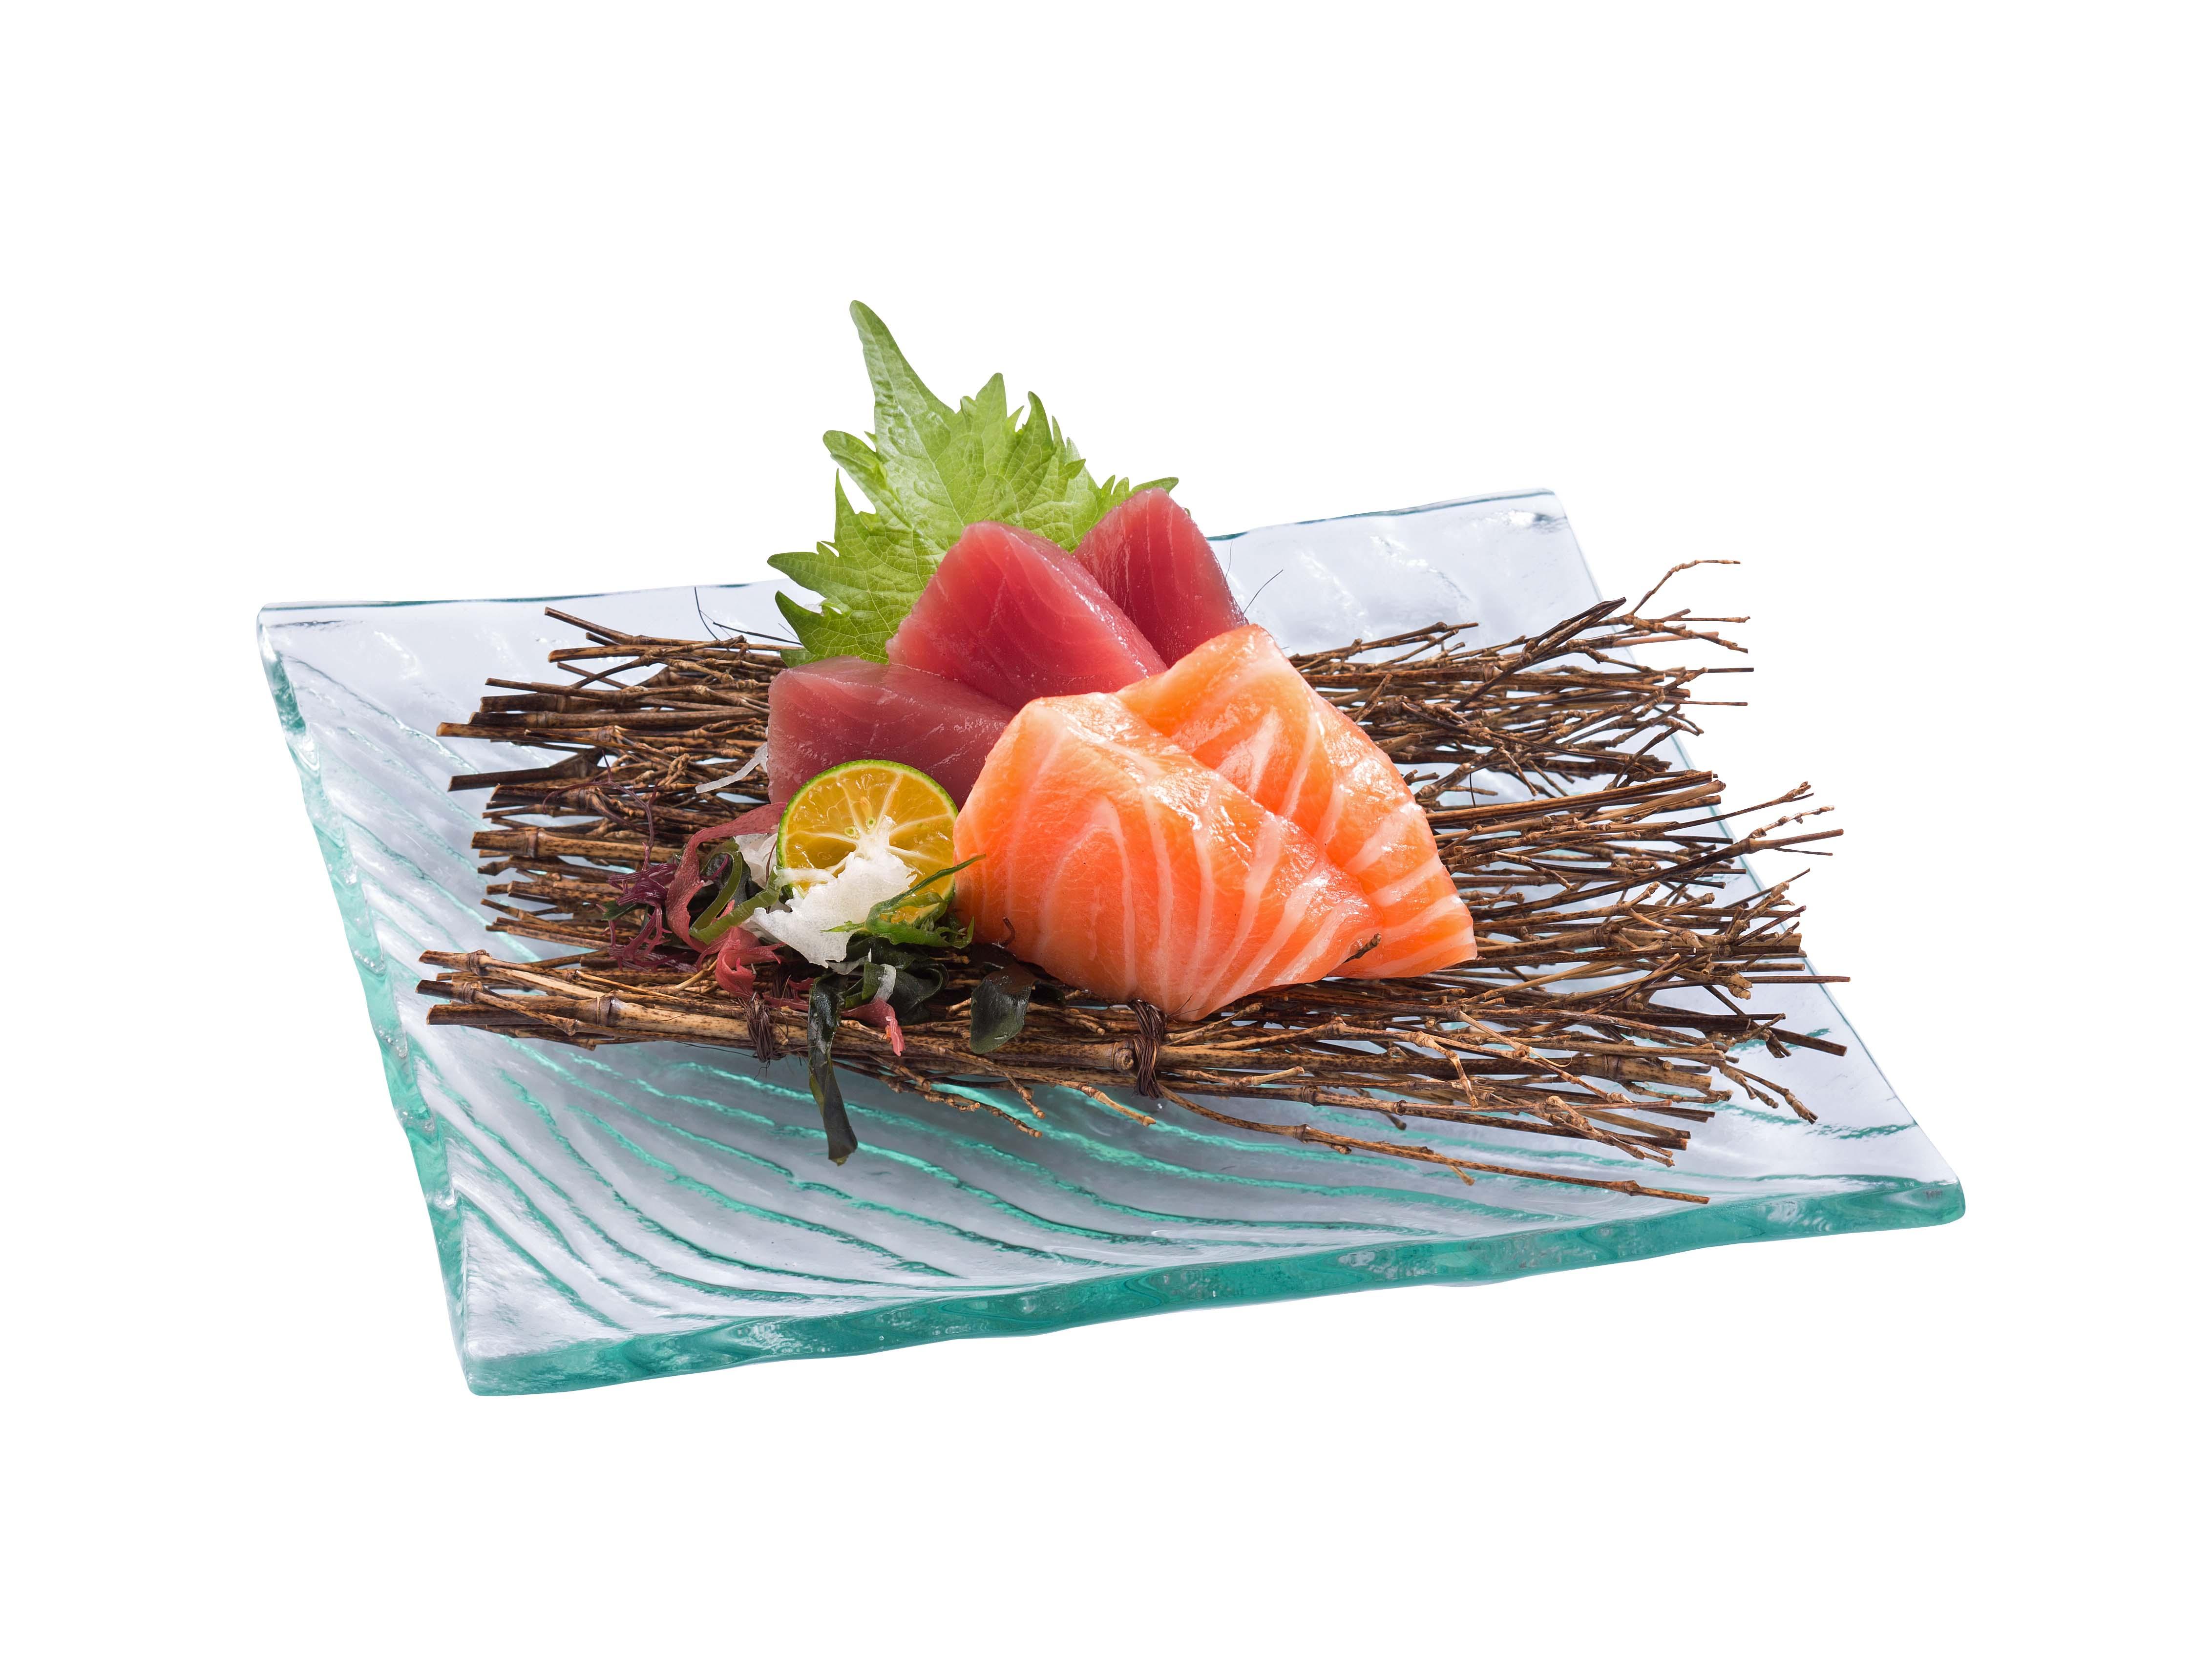 雙拼生魚片(百貨)拷貝